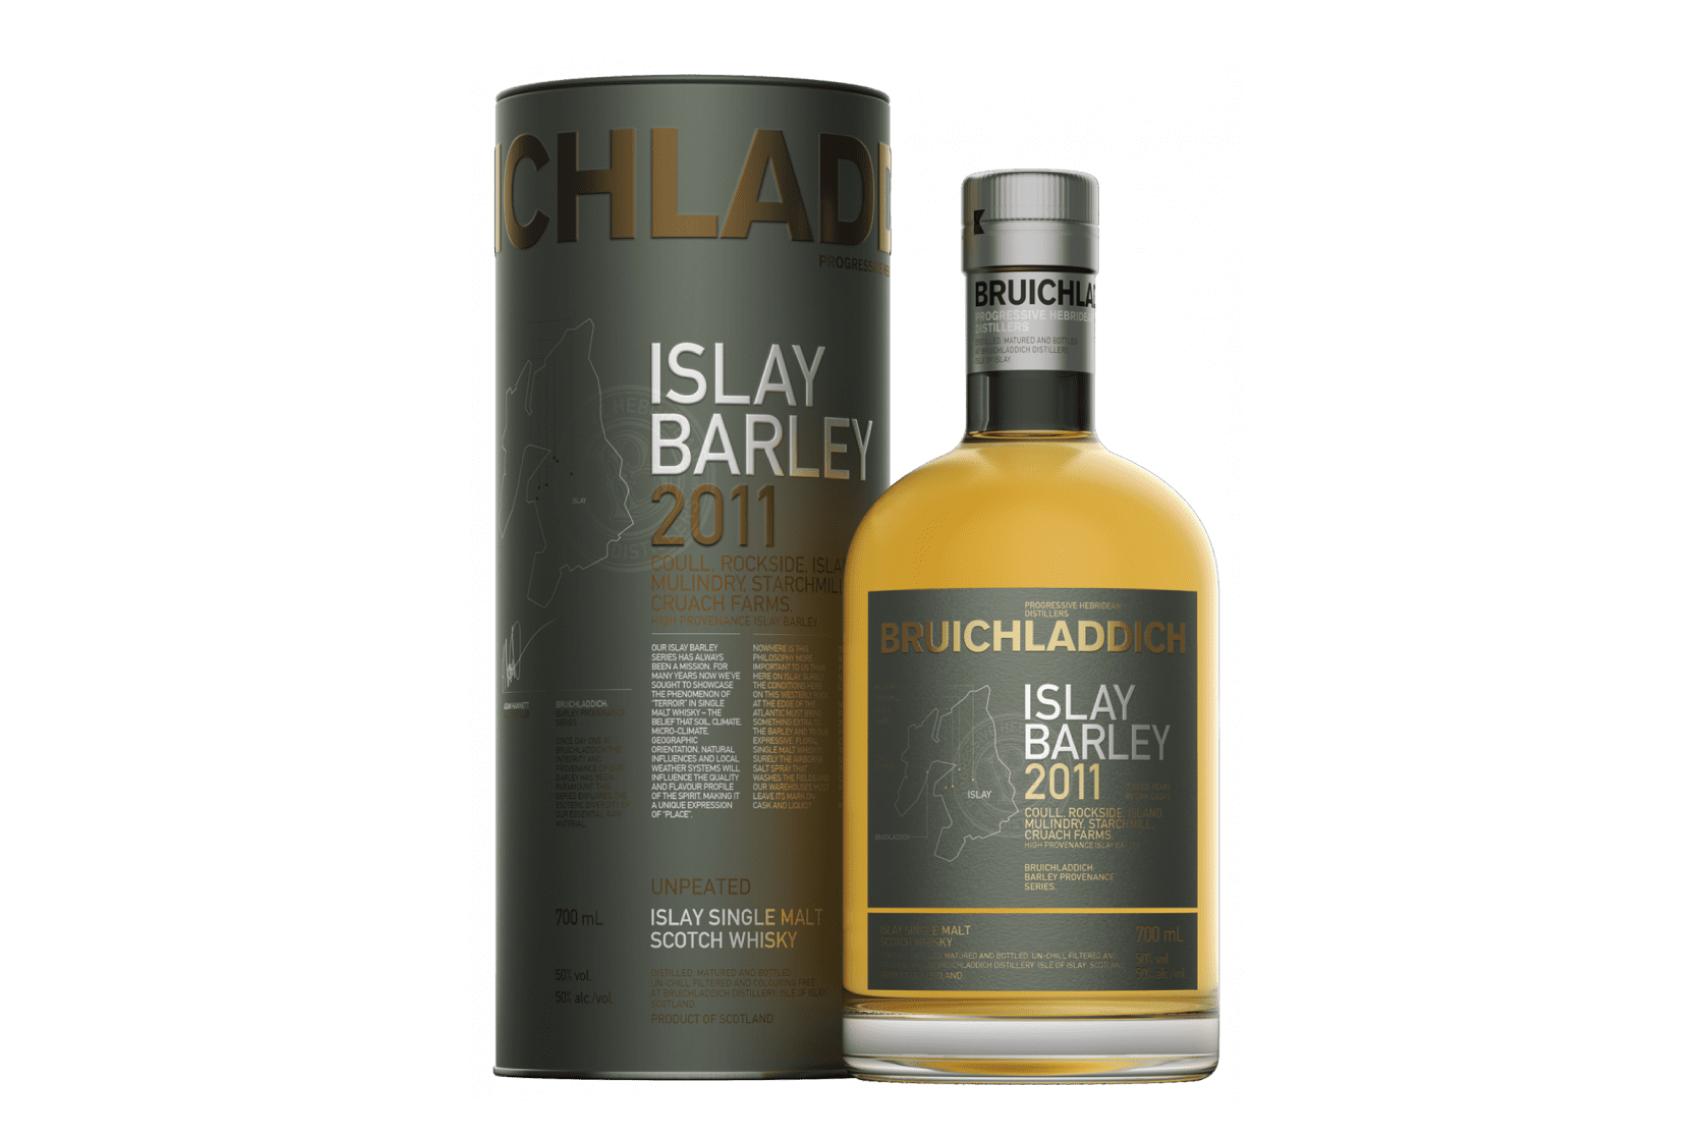 islaybarley2011